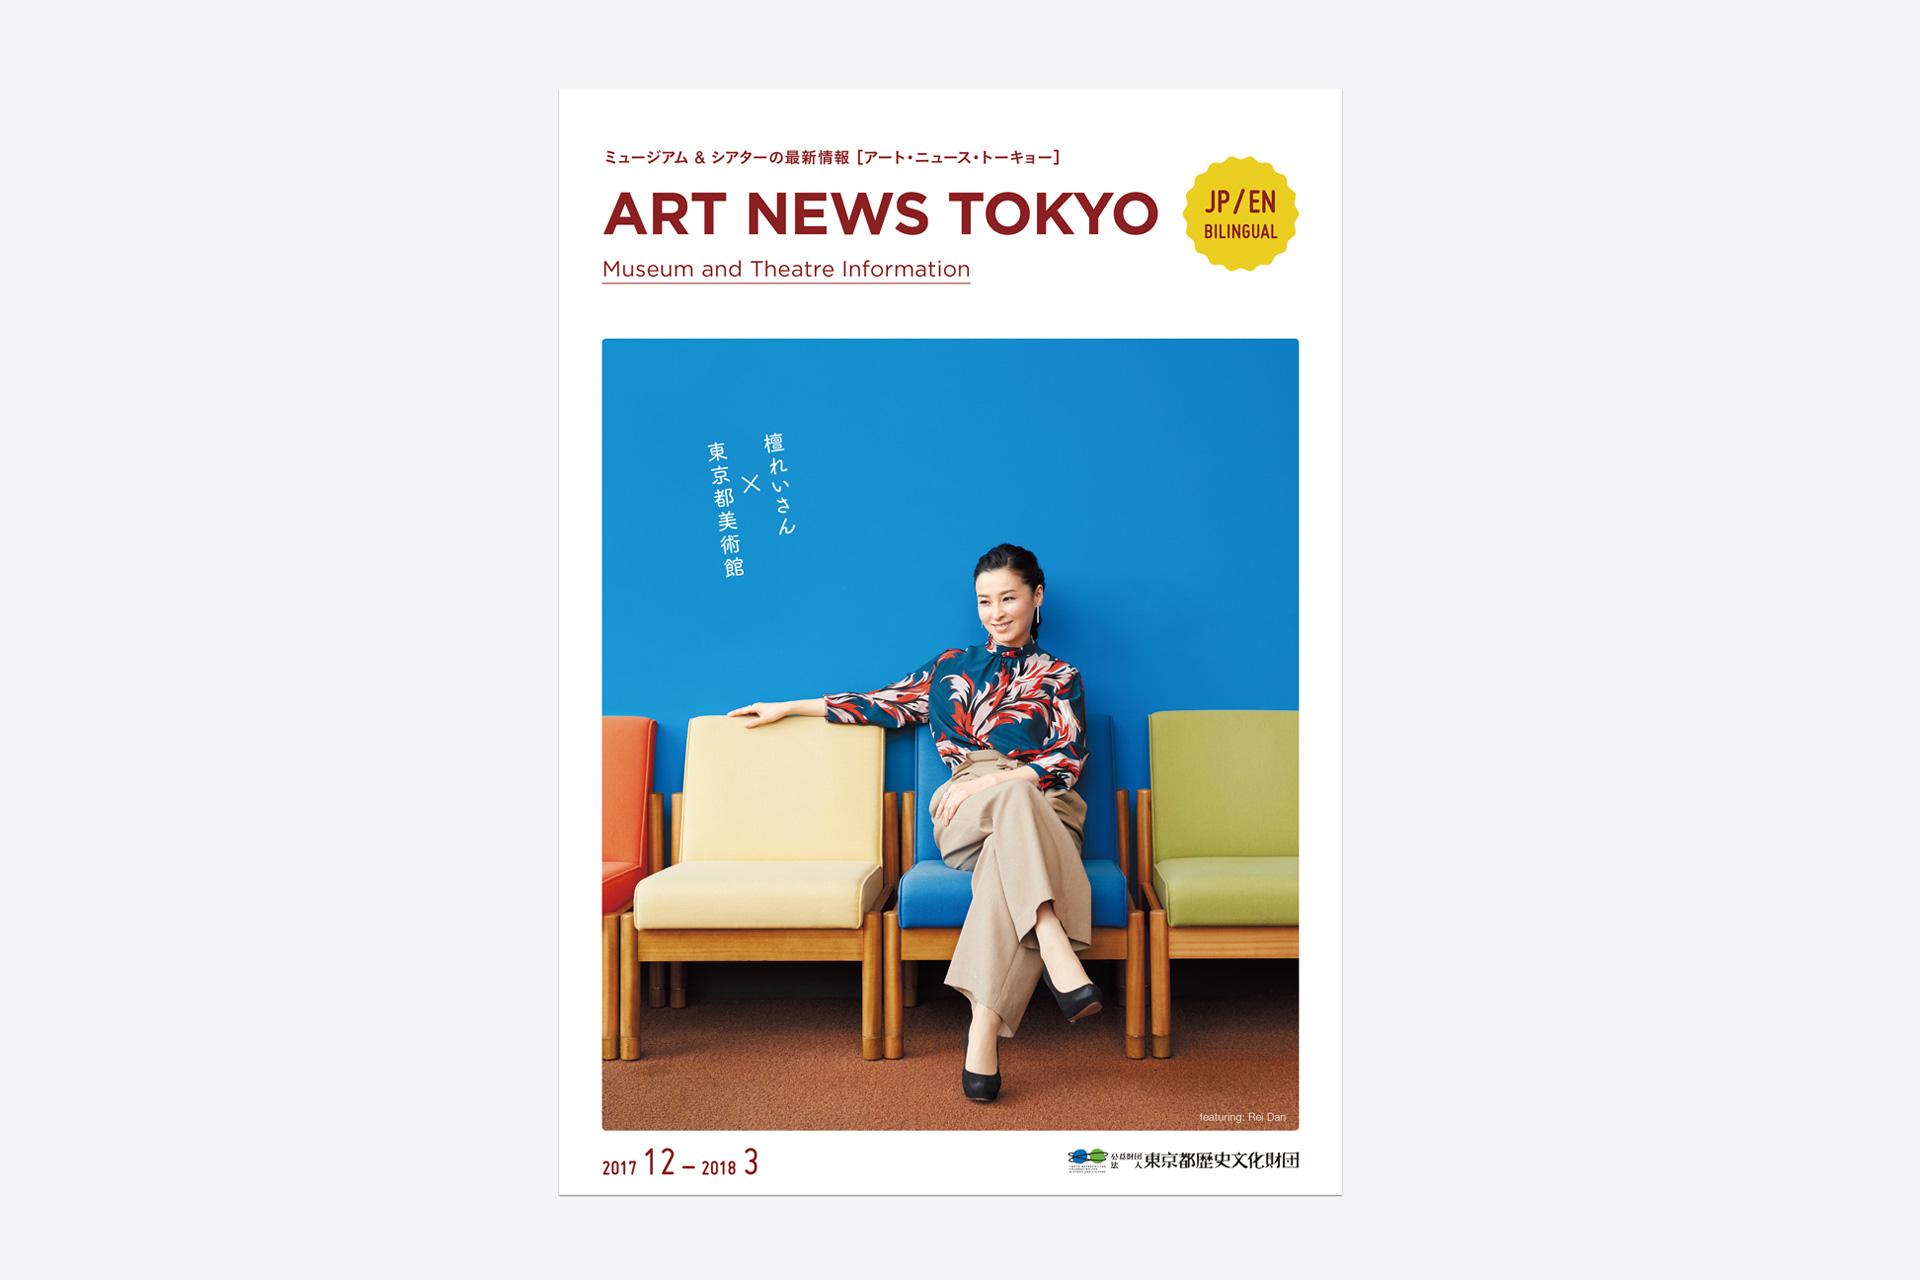 ART NEWS TOKYO 2017 12-2018 03